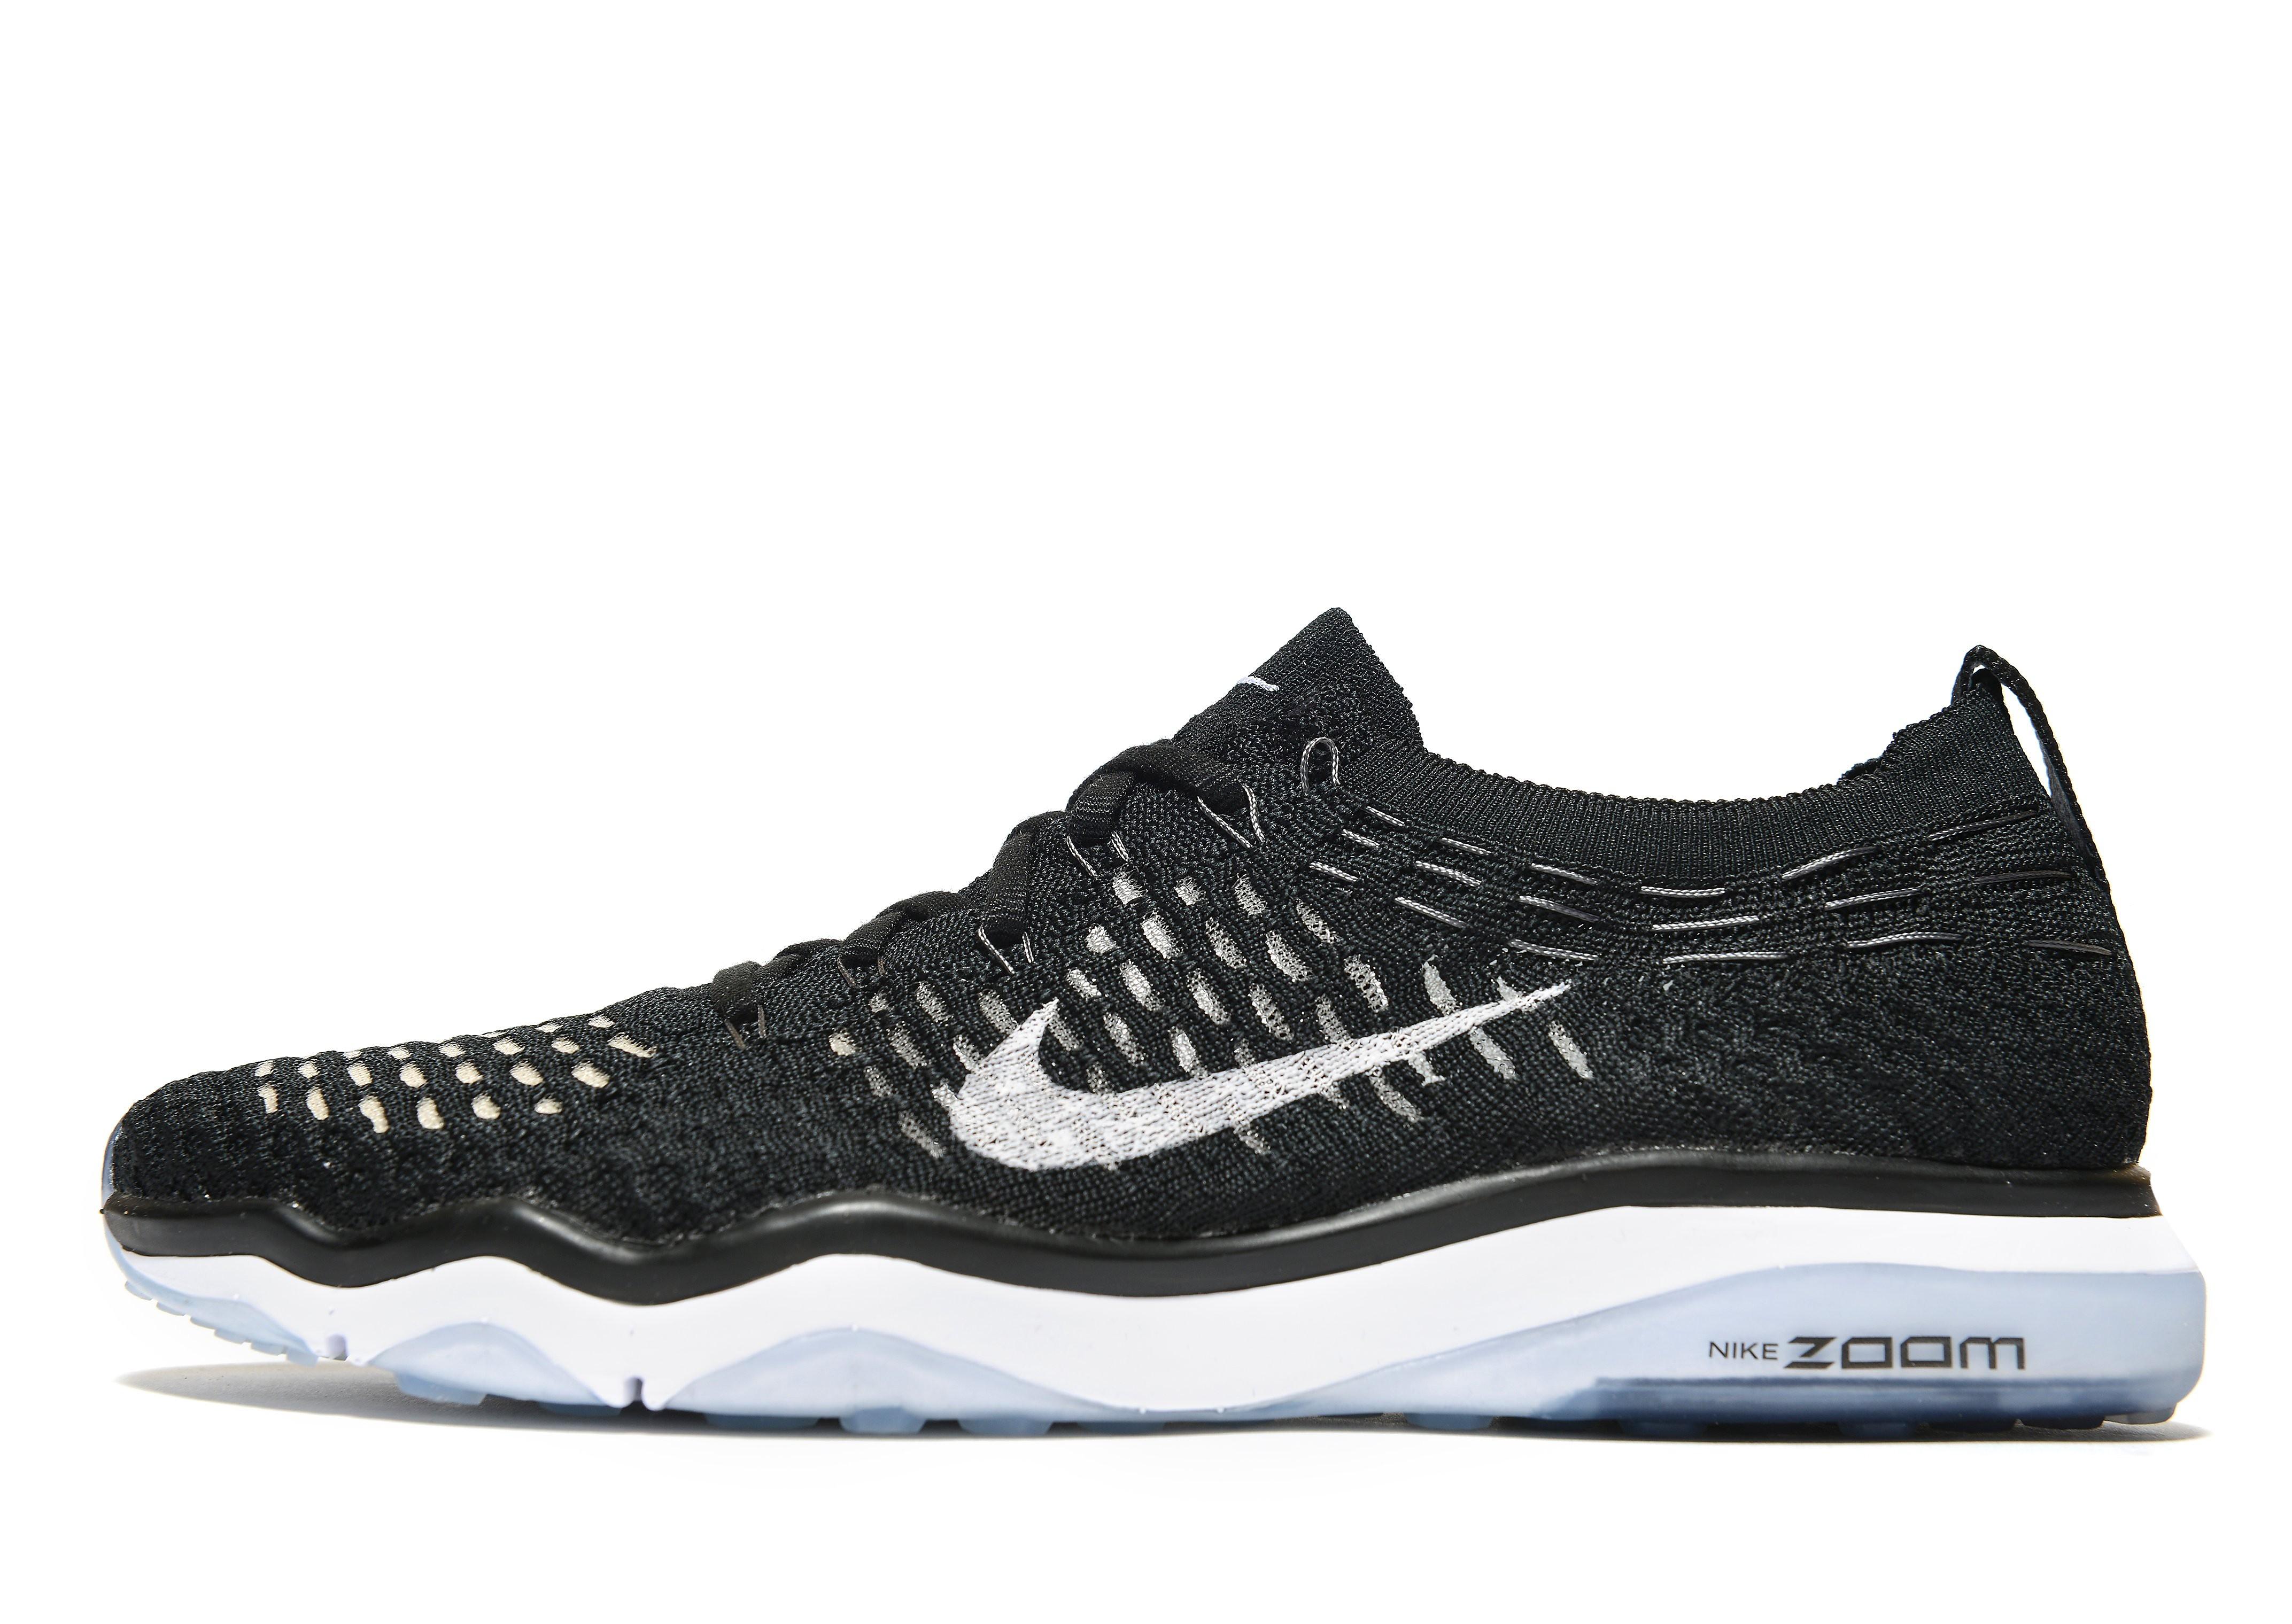 Nike Zoom Fearless Flyknit Women's